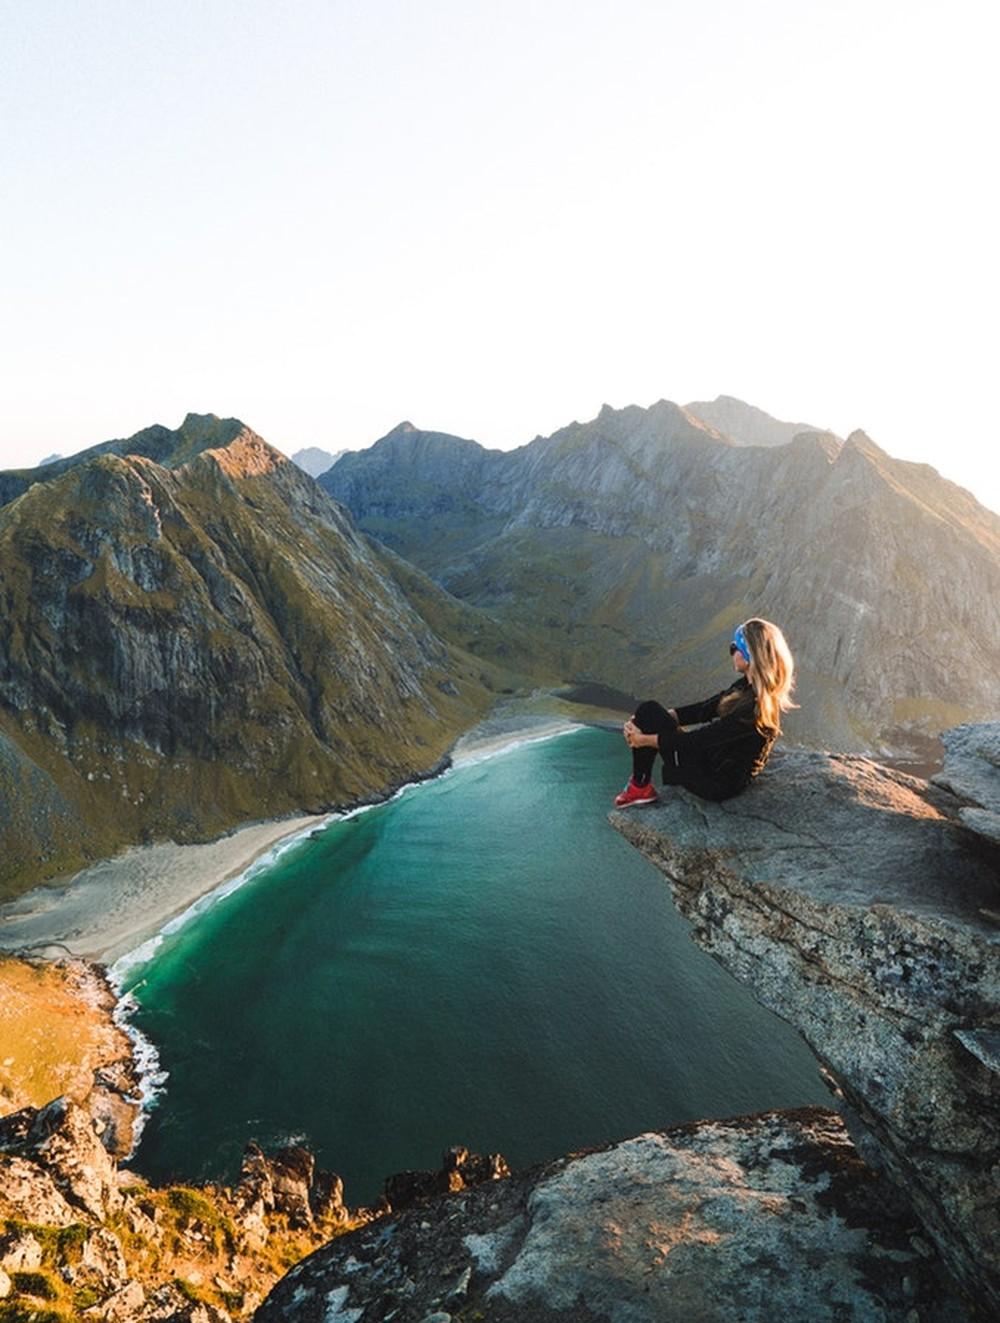 """Os noruegueses abraçam o conceito de friluftsliv, que pode ser traduzido como """"vida a céu aberto"""" — Foto: Manuel Meurisse/Unsplash"""